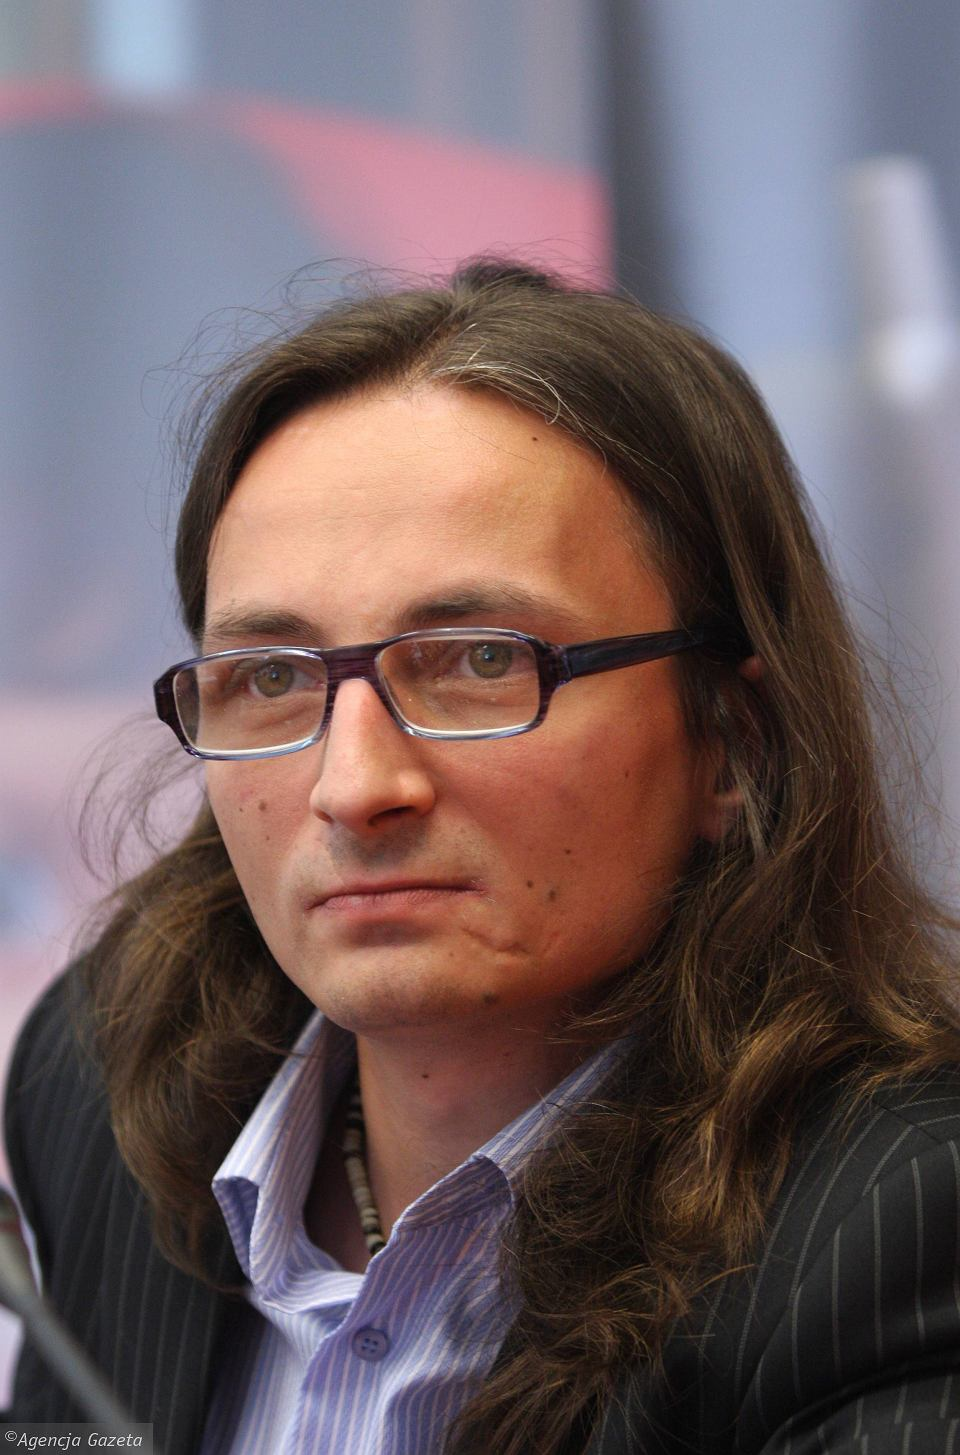 Jakub Śpiewak